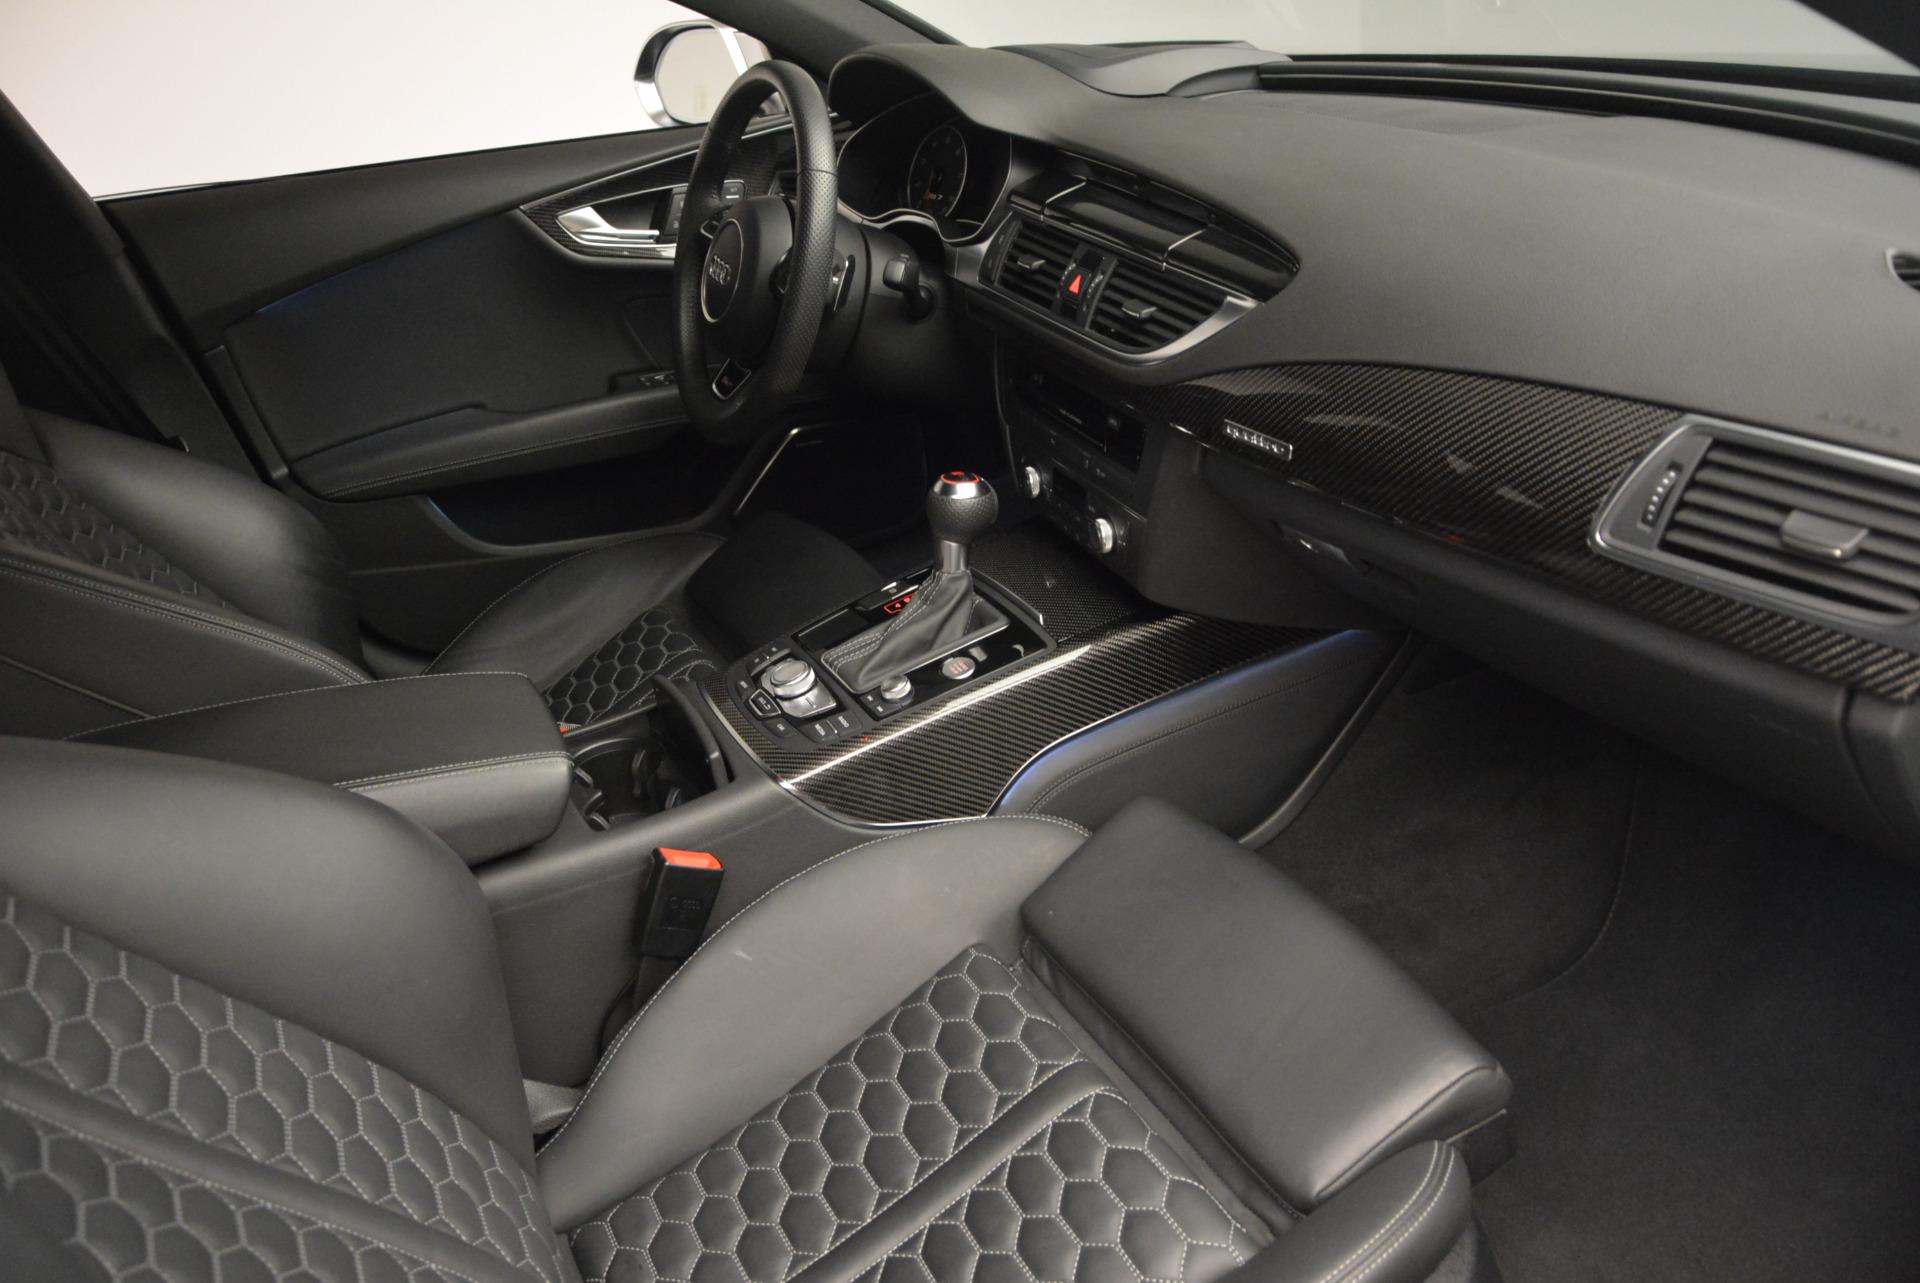 Used 2014 Audi RS 7 4.0T quattro Prestige For Sale In Greenwich, CT 707_p23